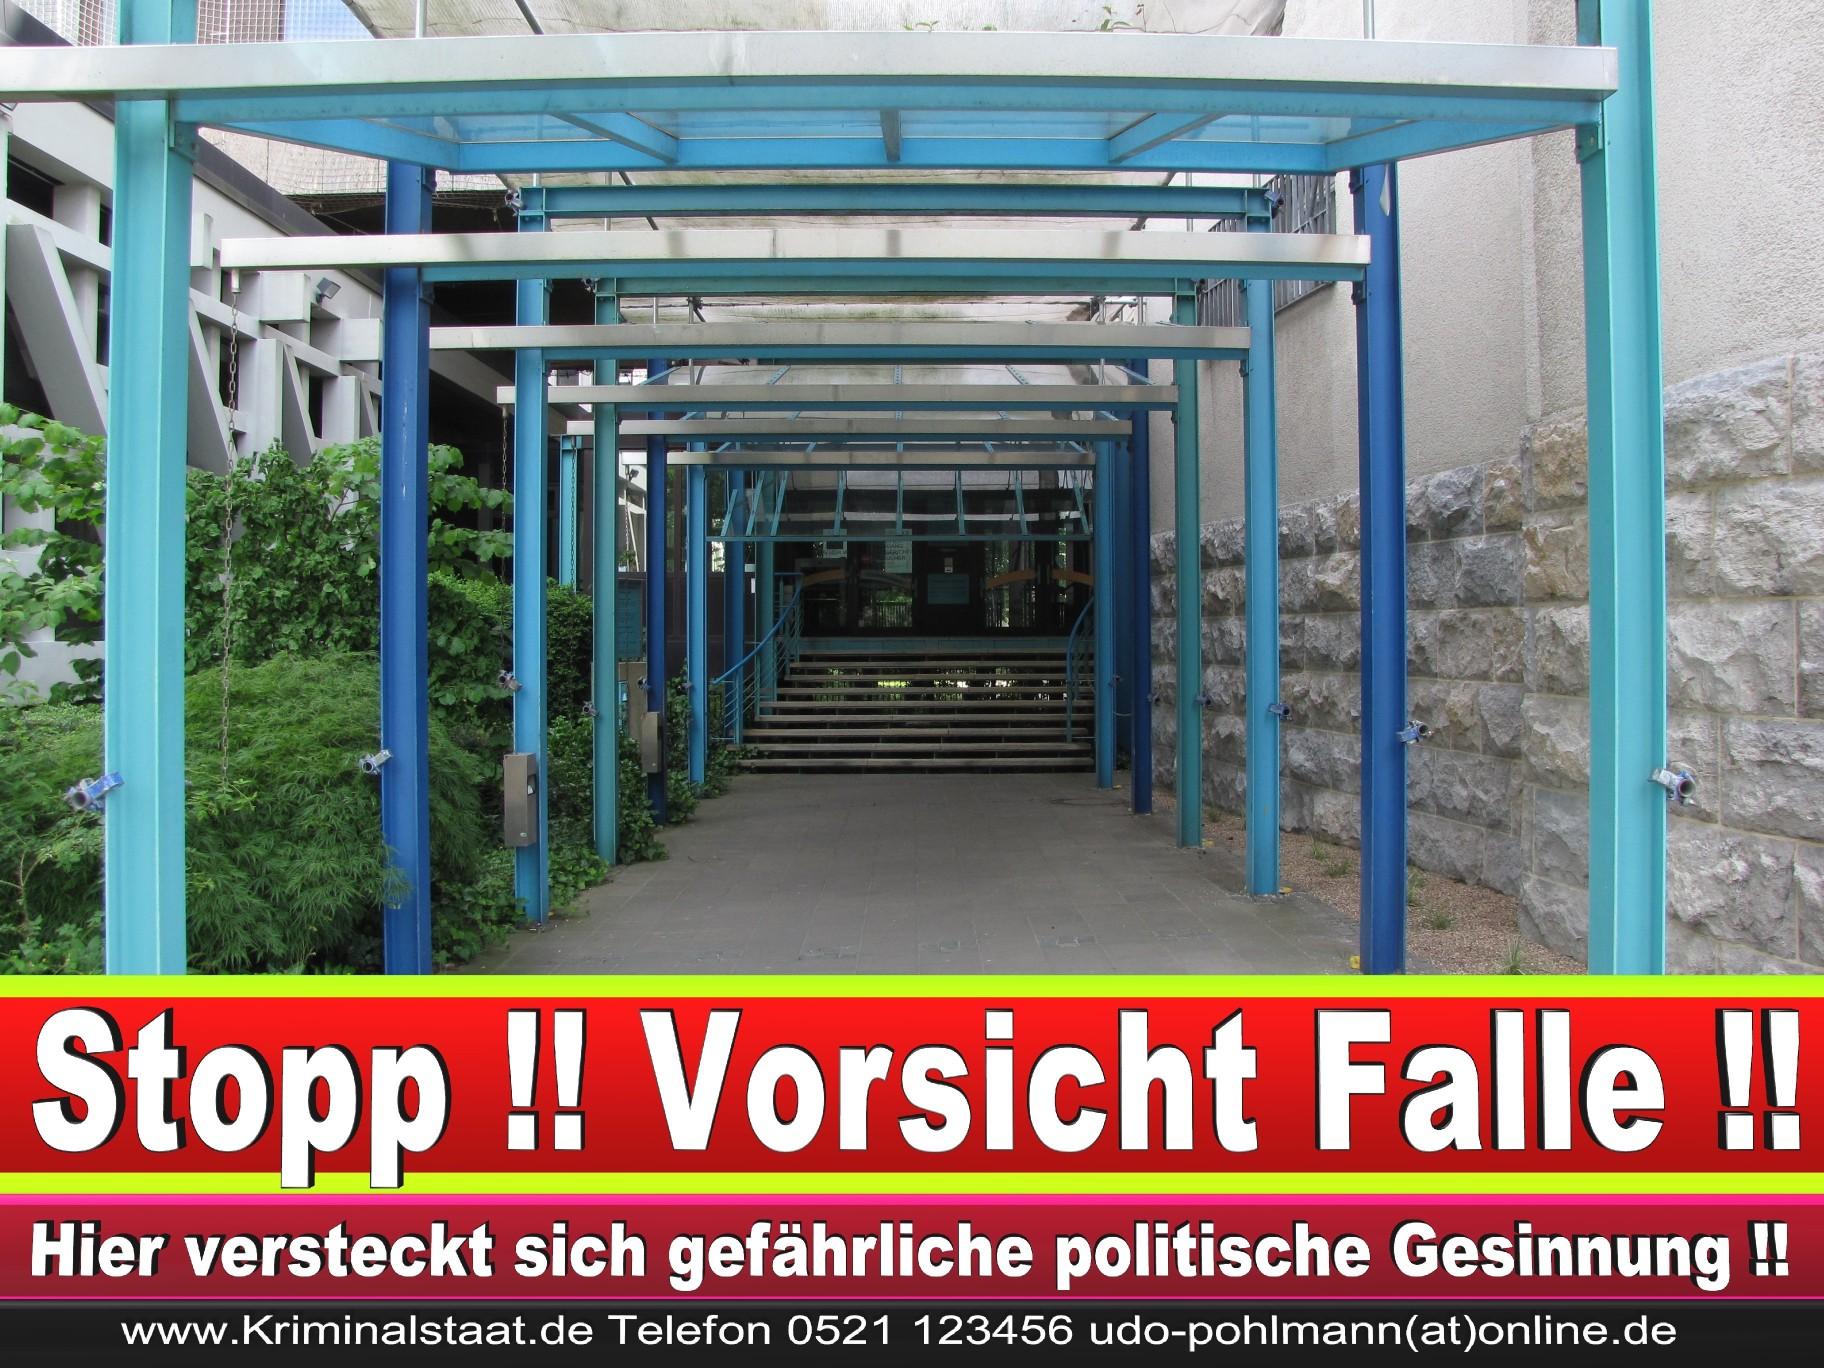 CDU Landgericht Bielefeld Landgerichtspräsident Klaus Petermann Hochstraße Bünde Jens Gnisa Richterbund Richtervereinigung 33